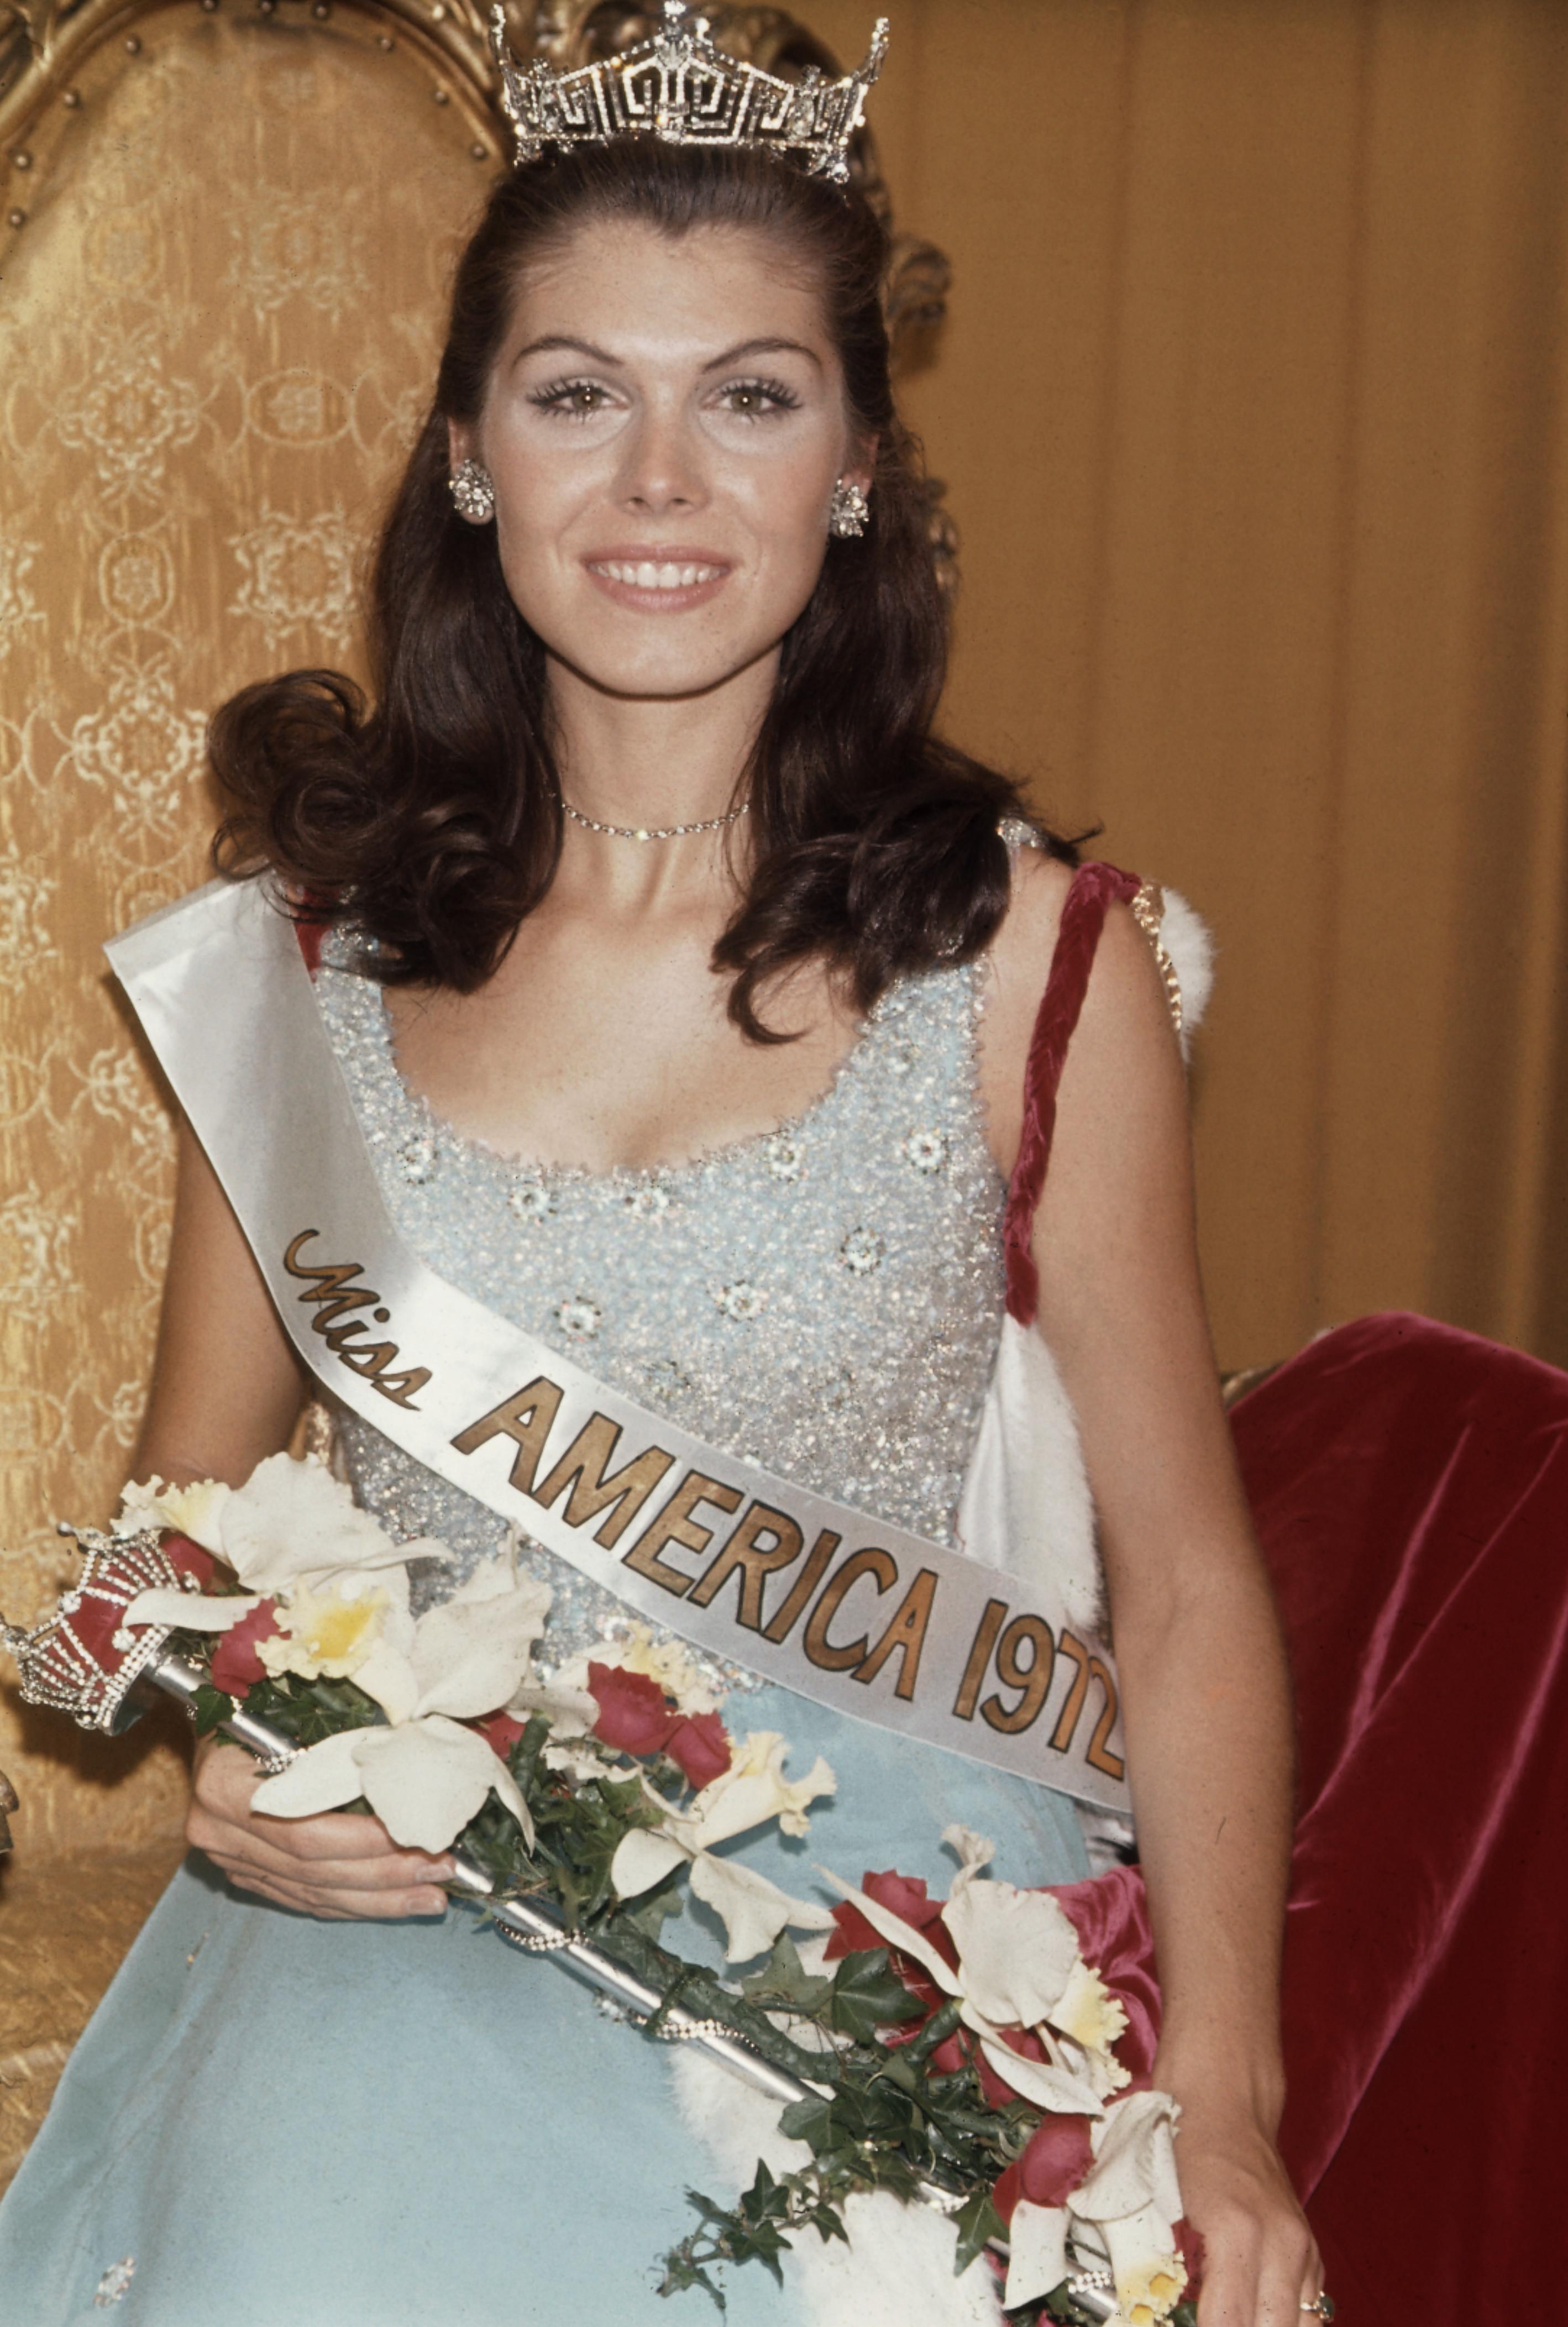 1972: Laurel Lea Schaefer from Bexley, Ohio